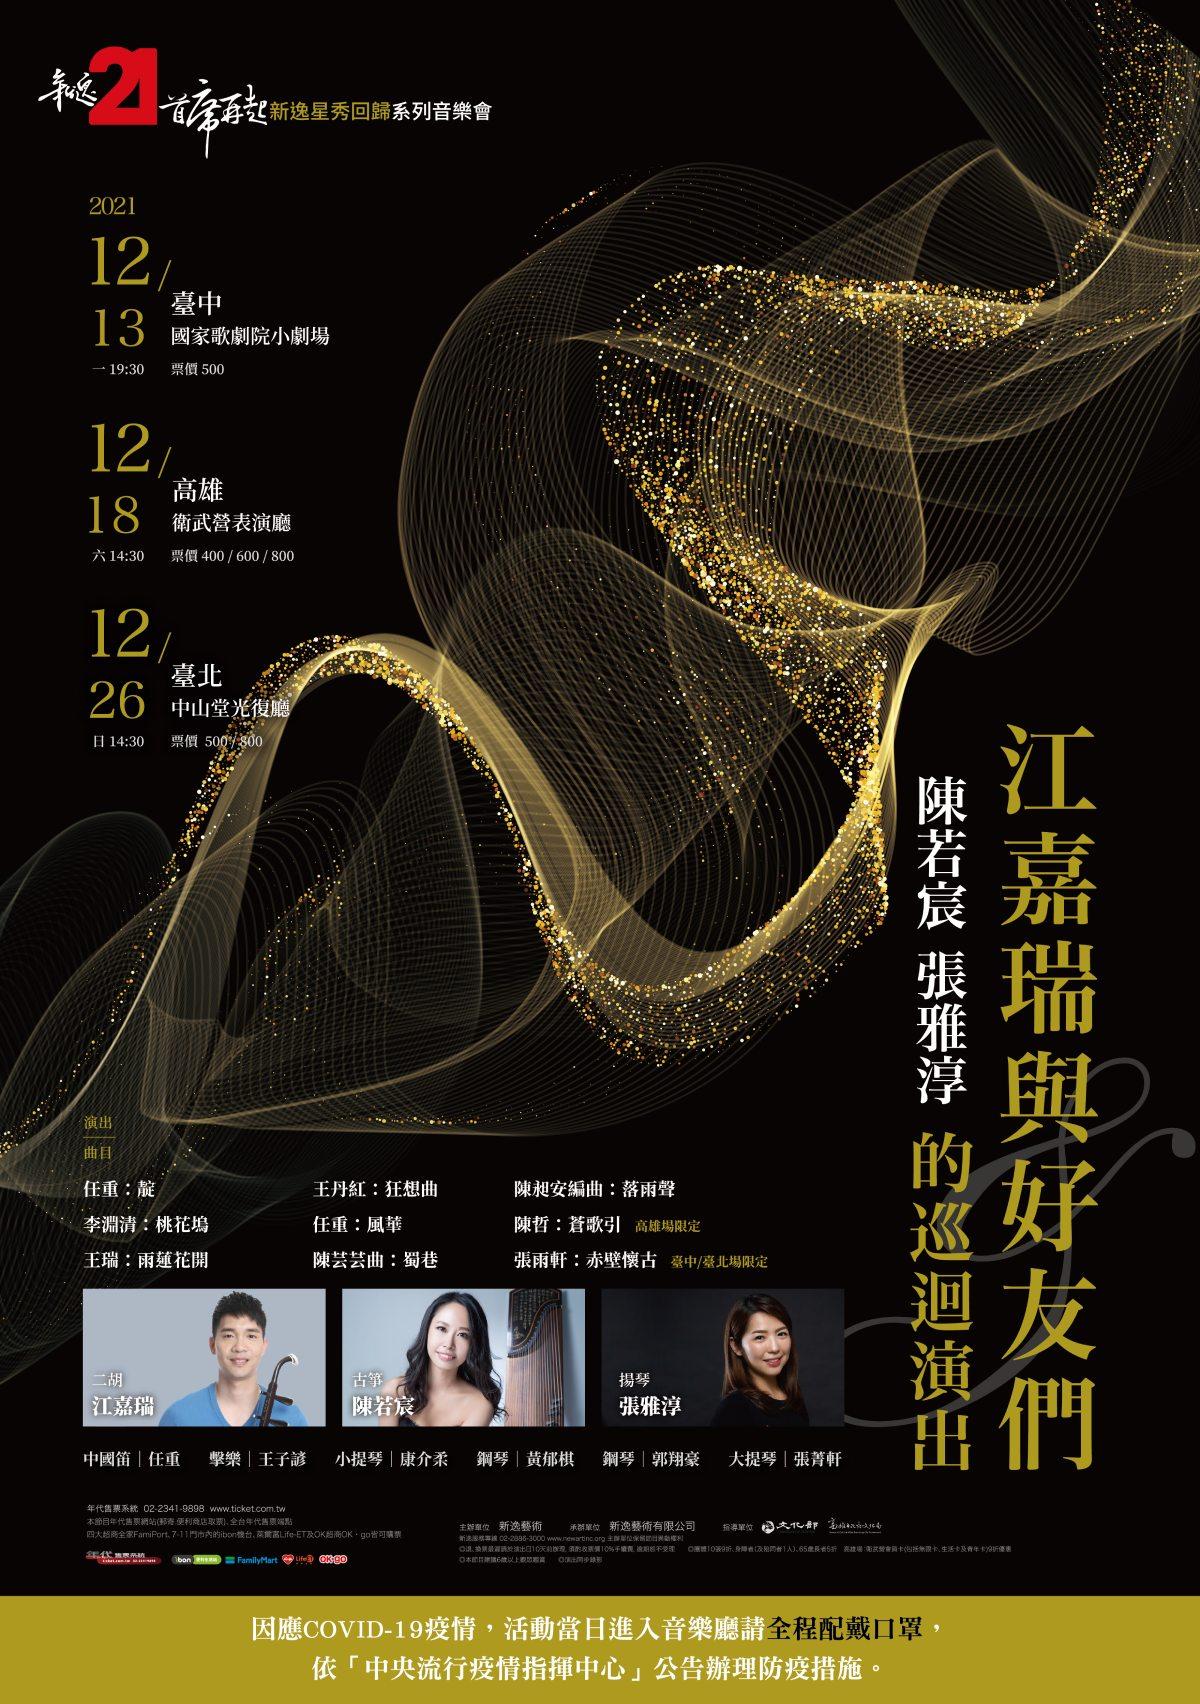 2021新逸星秀回歸系列音樂會 江嘉瑞與好友們的巡迴演出